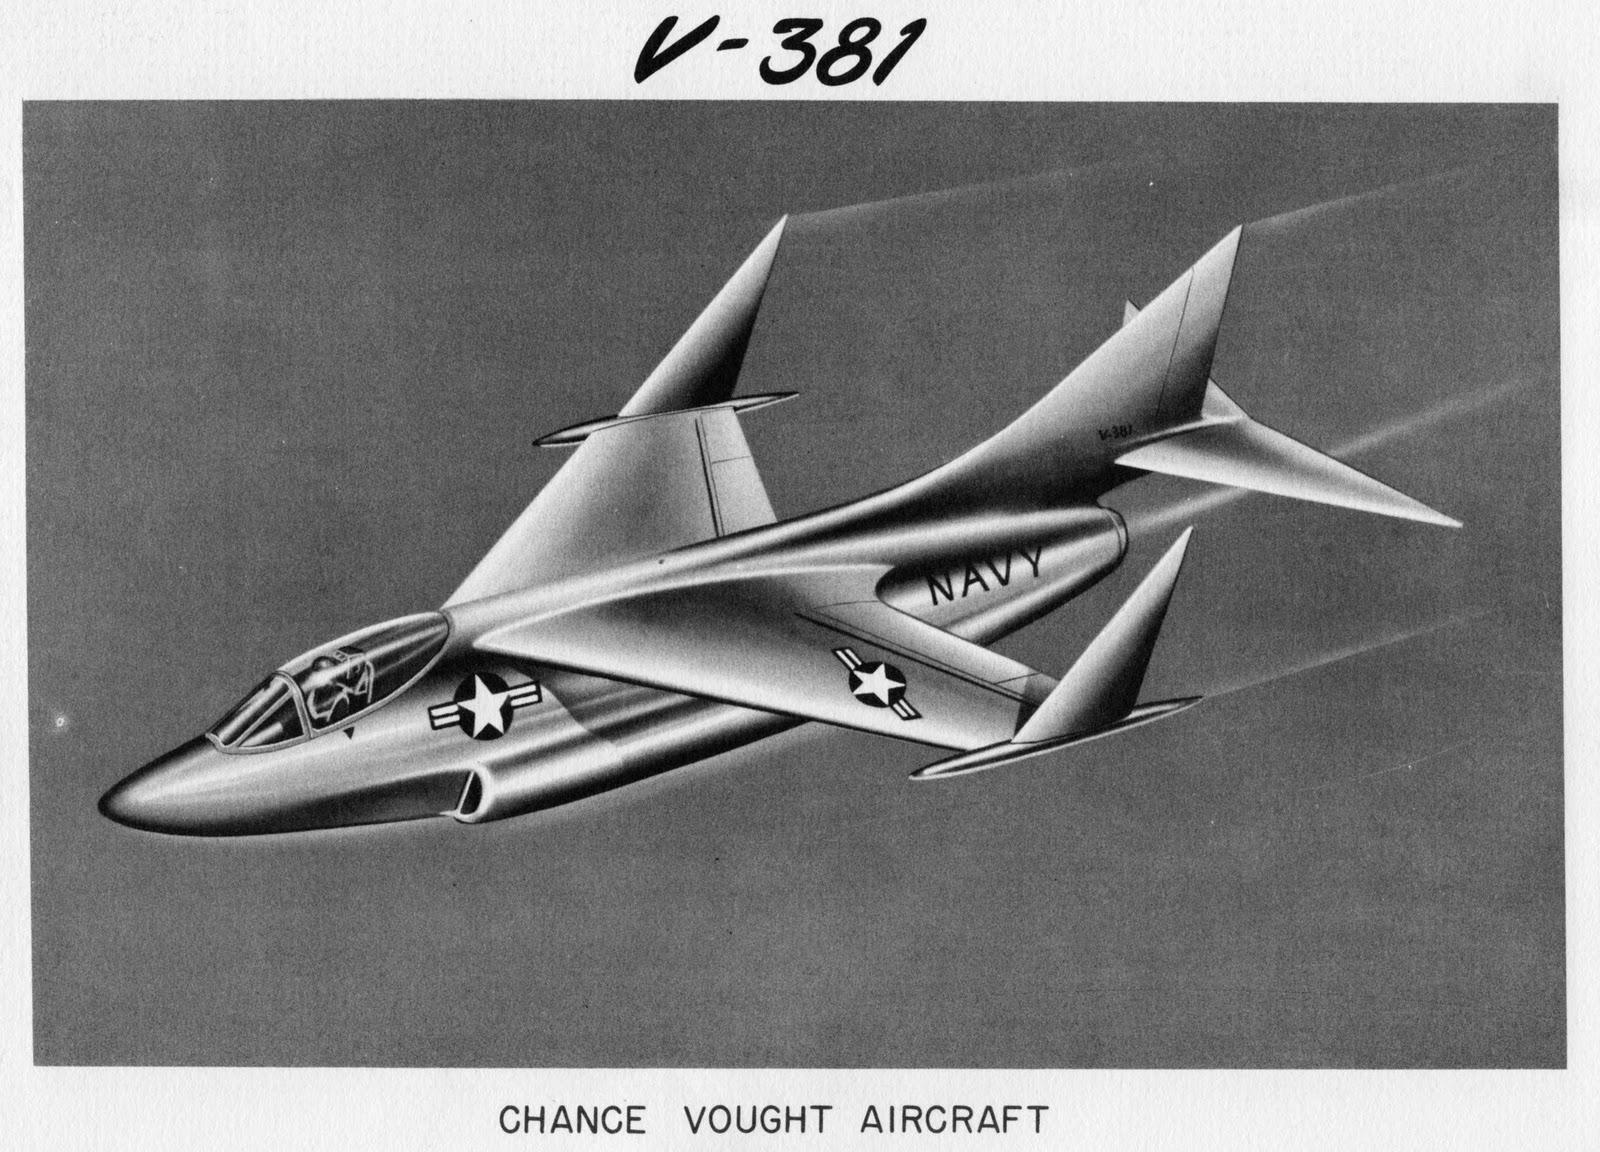 Avions 1950's, futuristes et vaisseaux spaciaux - Vintage Spaceships, Starships and futuristic planes.  Vought+381+A3U